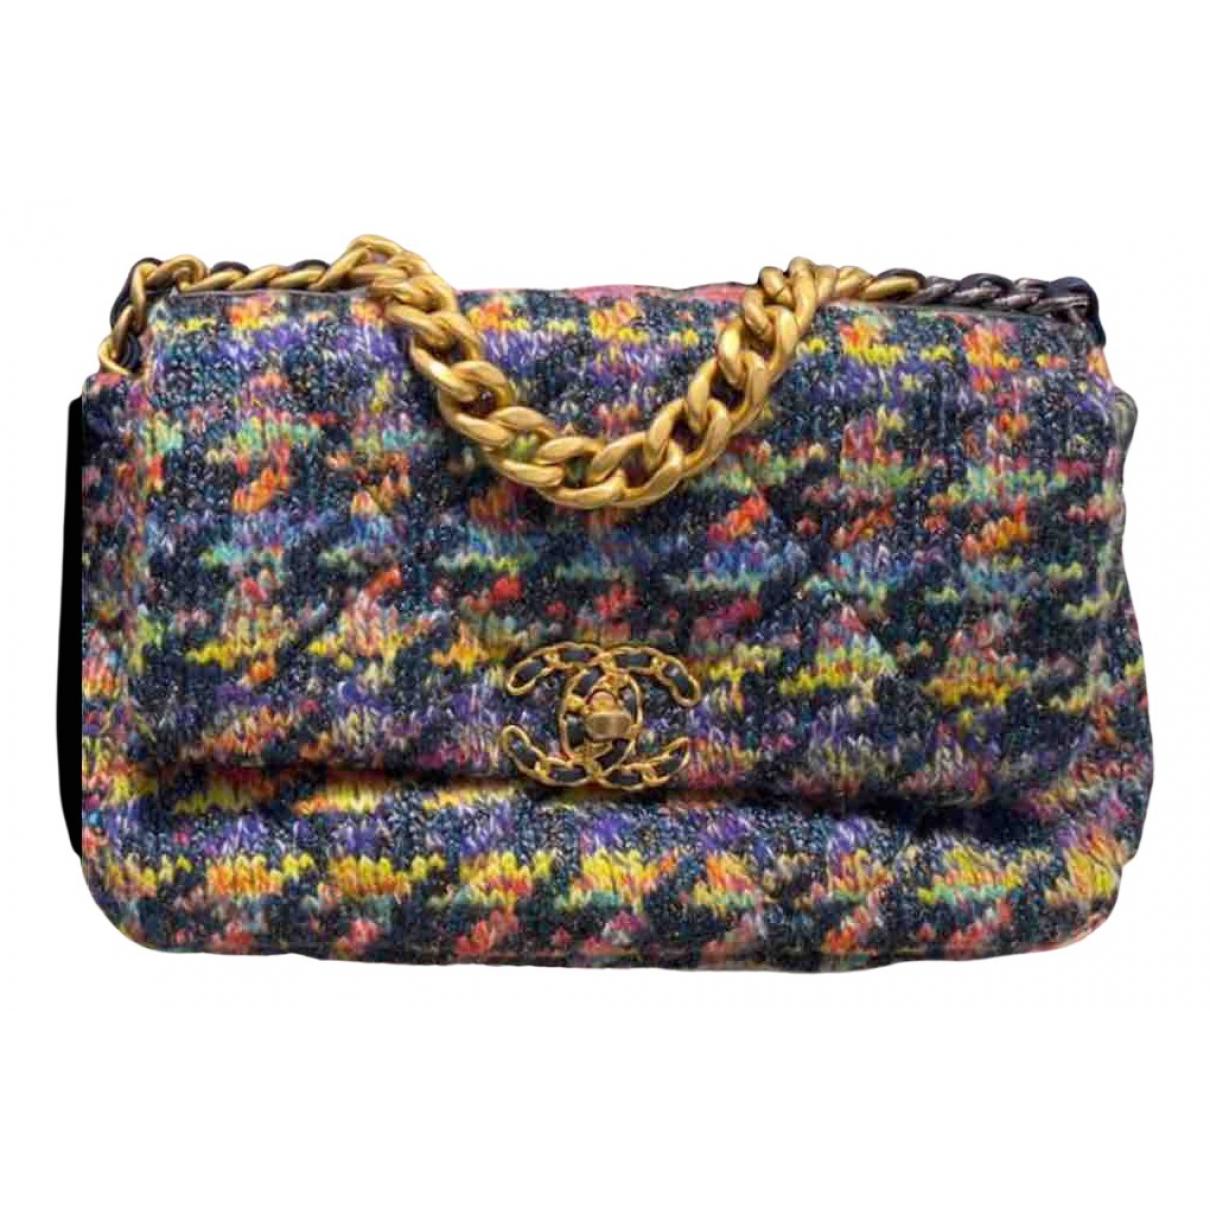 Chanel Chanel 19 Handtasche in  Bunt Tweed